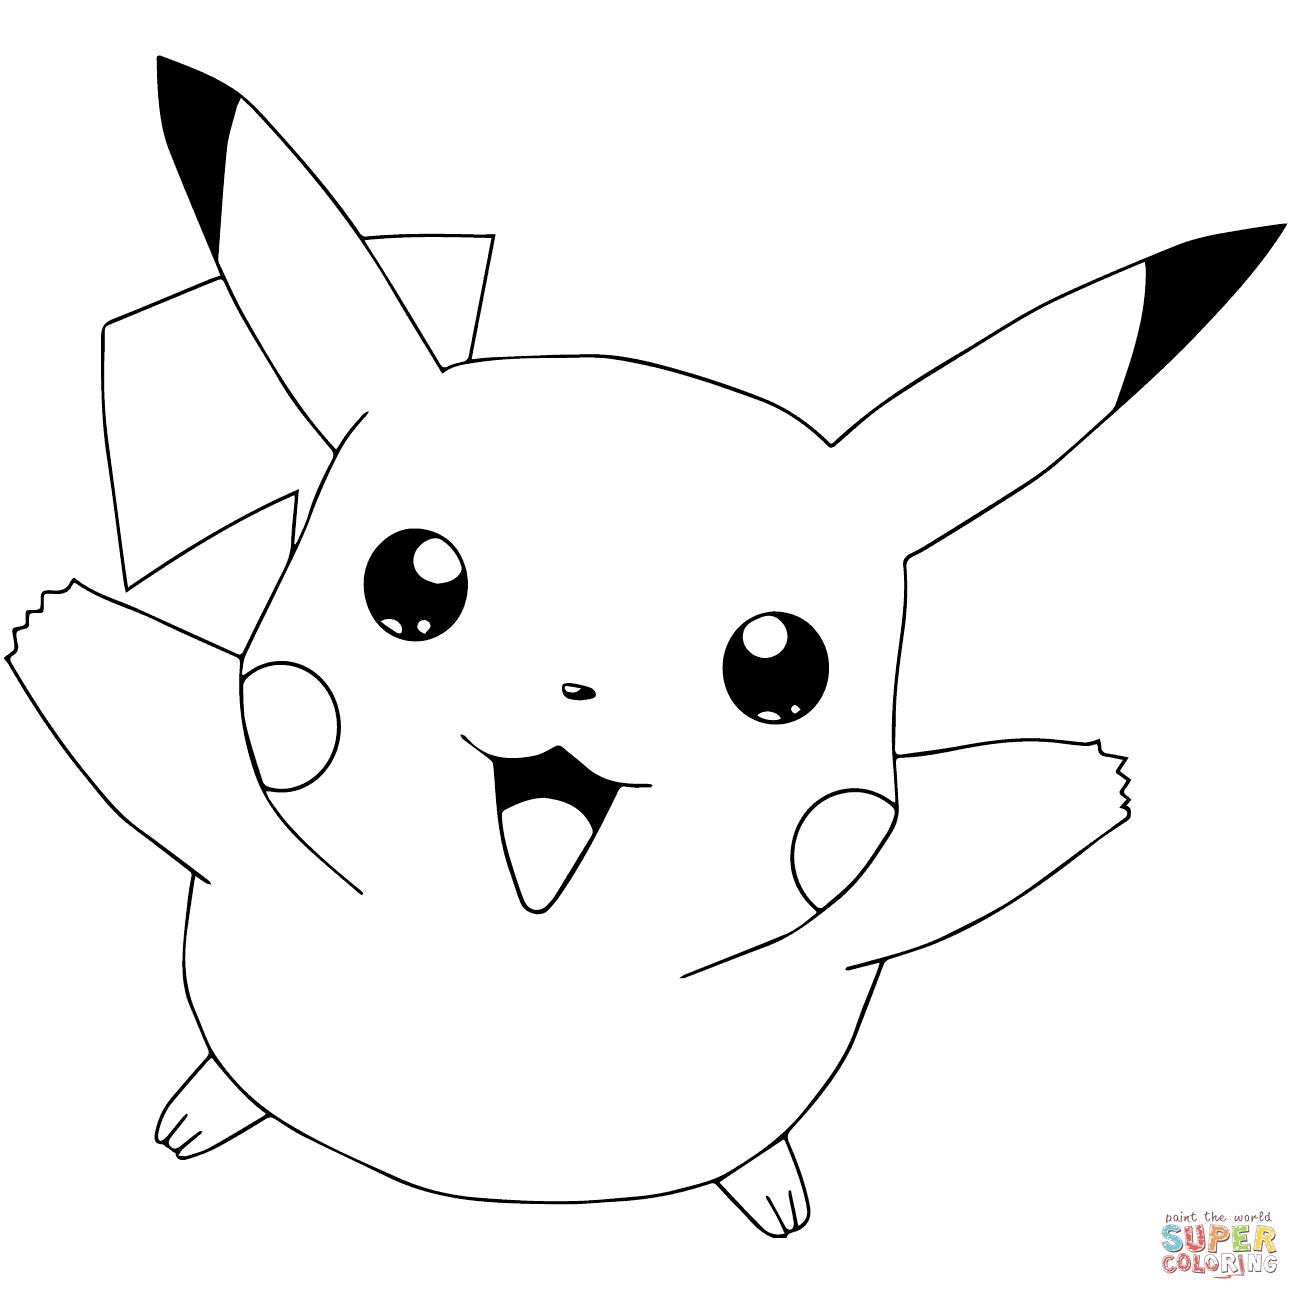 Click the Pokémon GO Pikachu